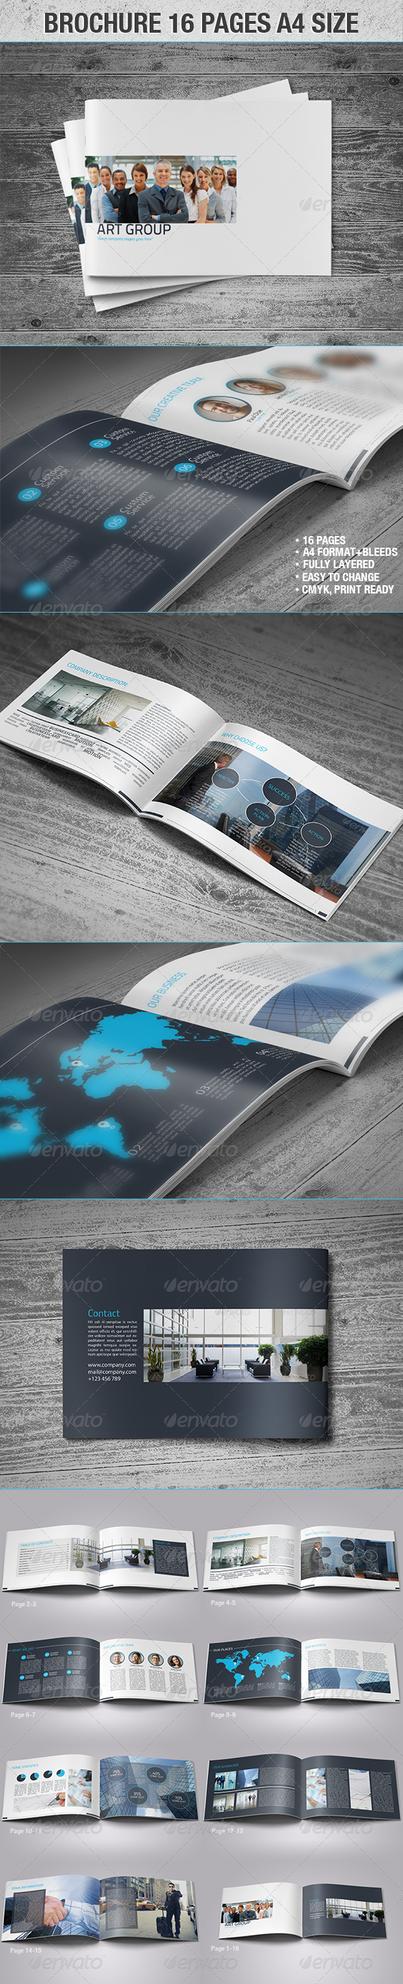 Brochure 16 Page A4 Size by vitalyvelygo